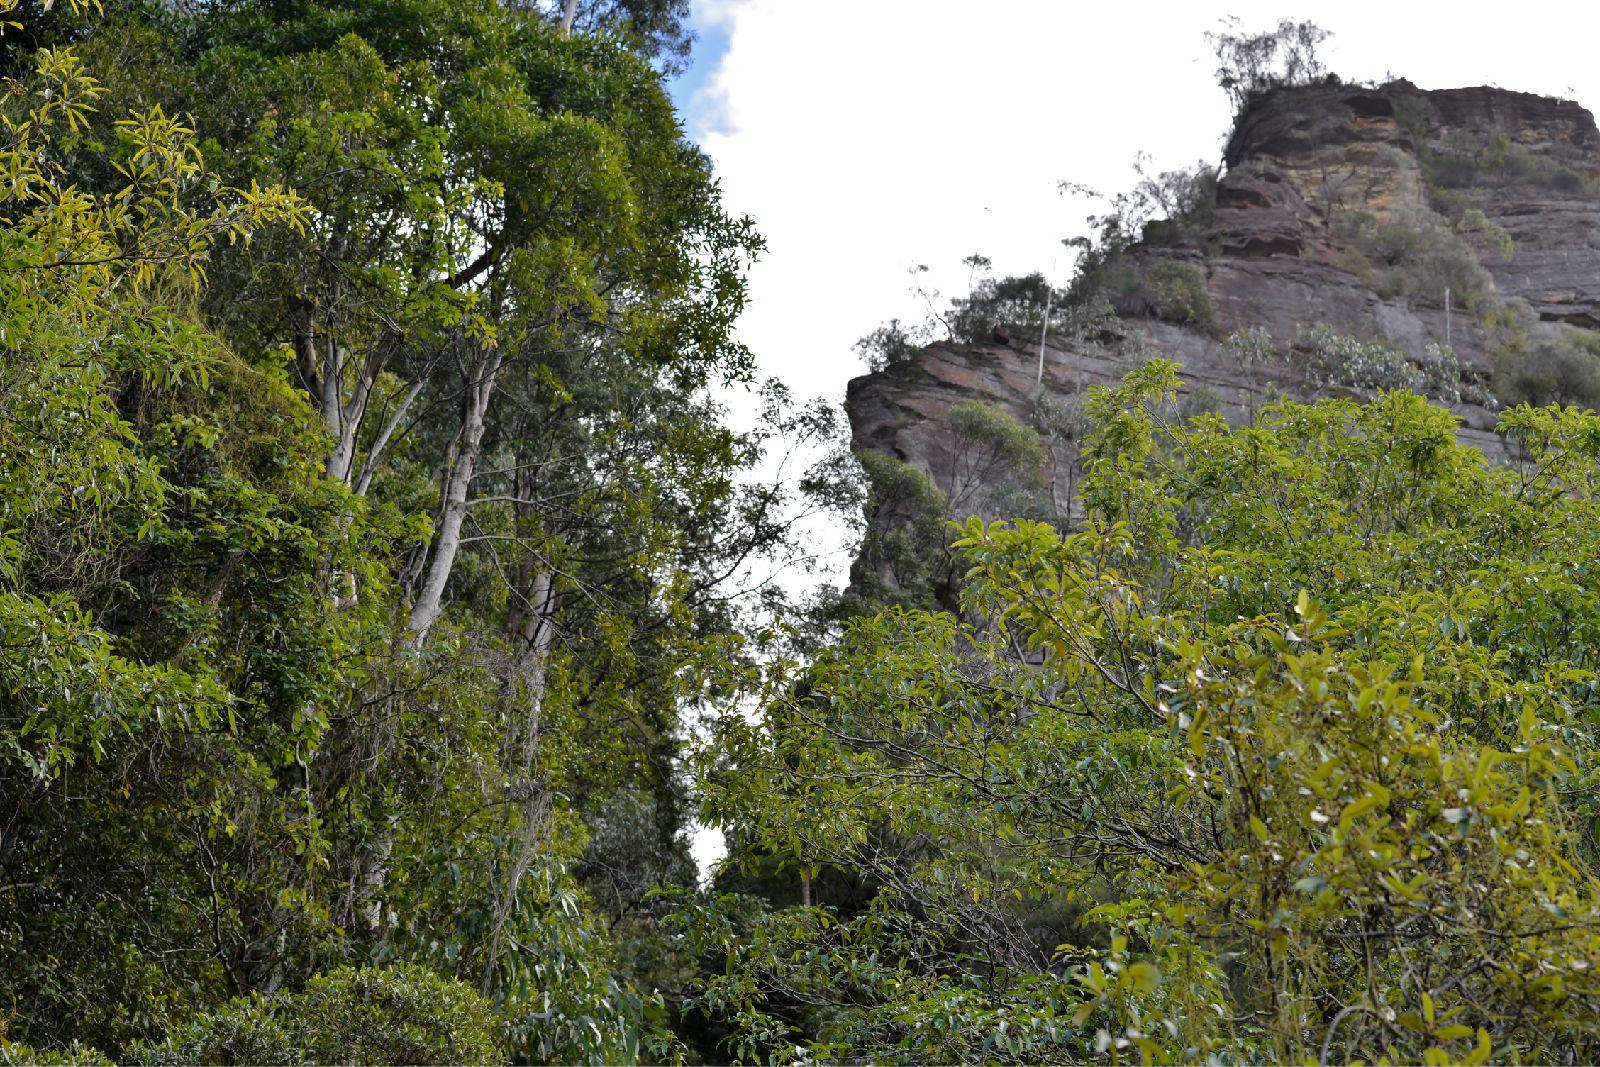 澳大利亚旅游攻略图片422